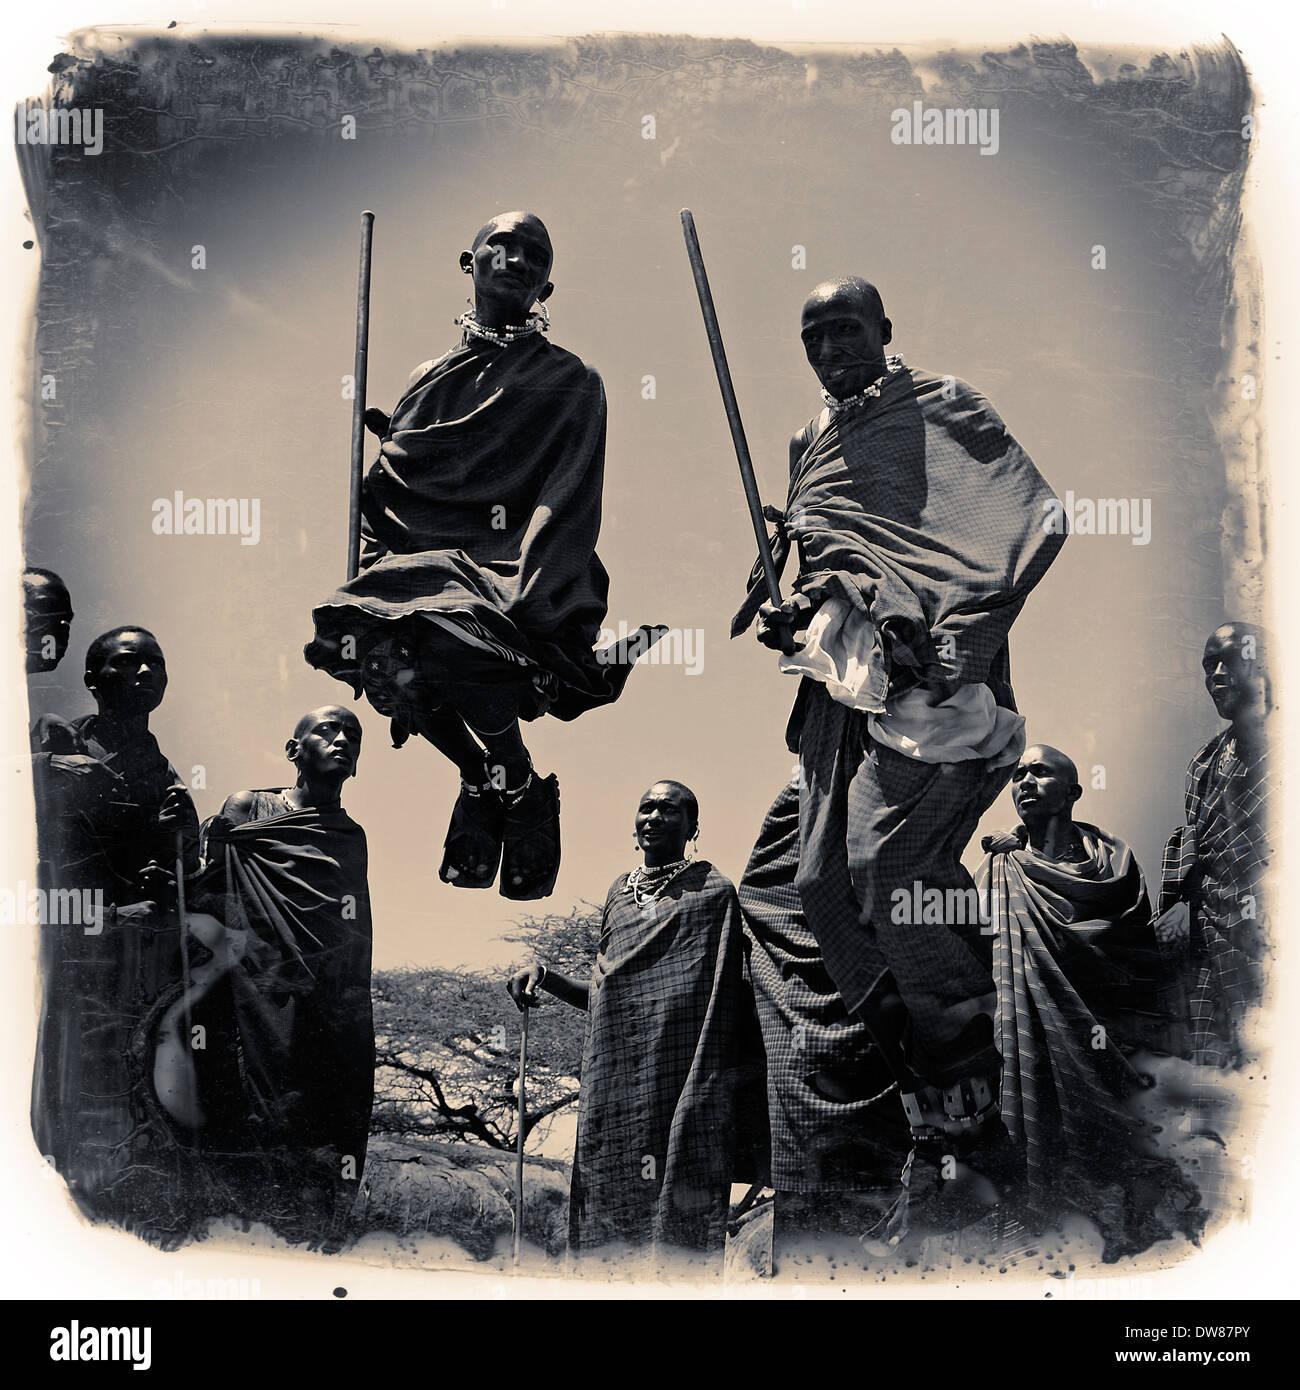 Un grupo de hombres Masai, tomando parte en la tradicional danza Adumu comúnmente conocida como el Salto de la danzaFoto de stock